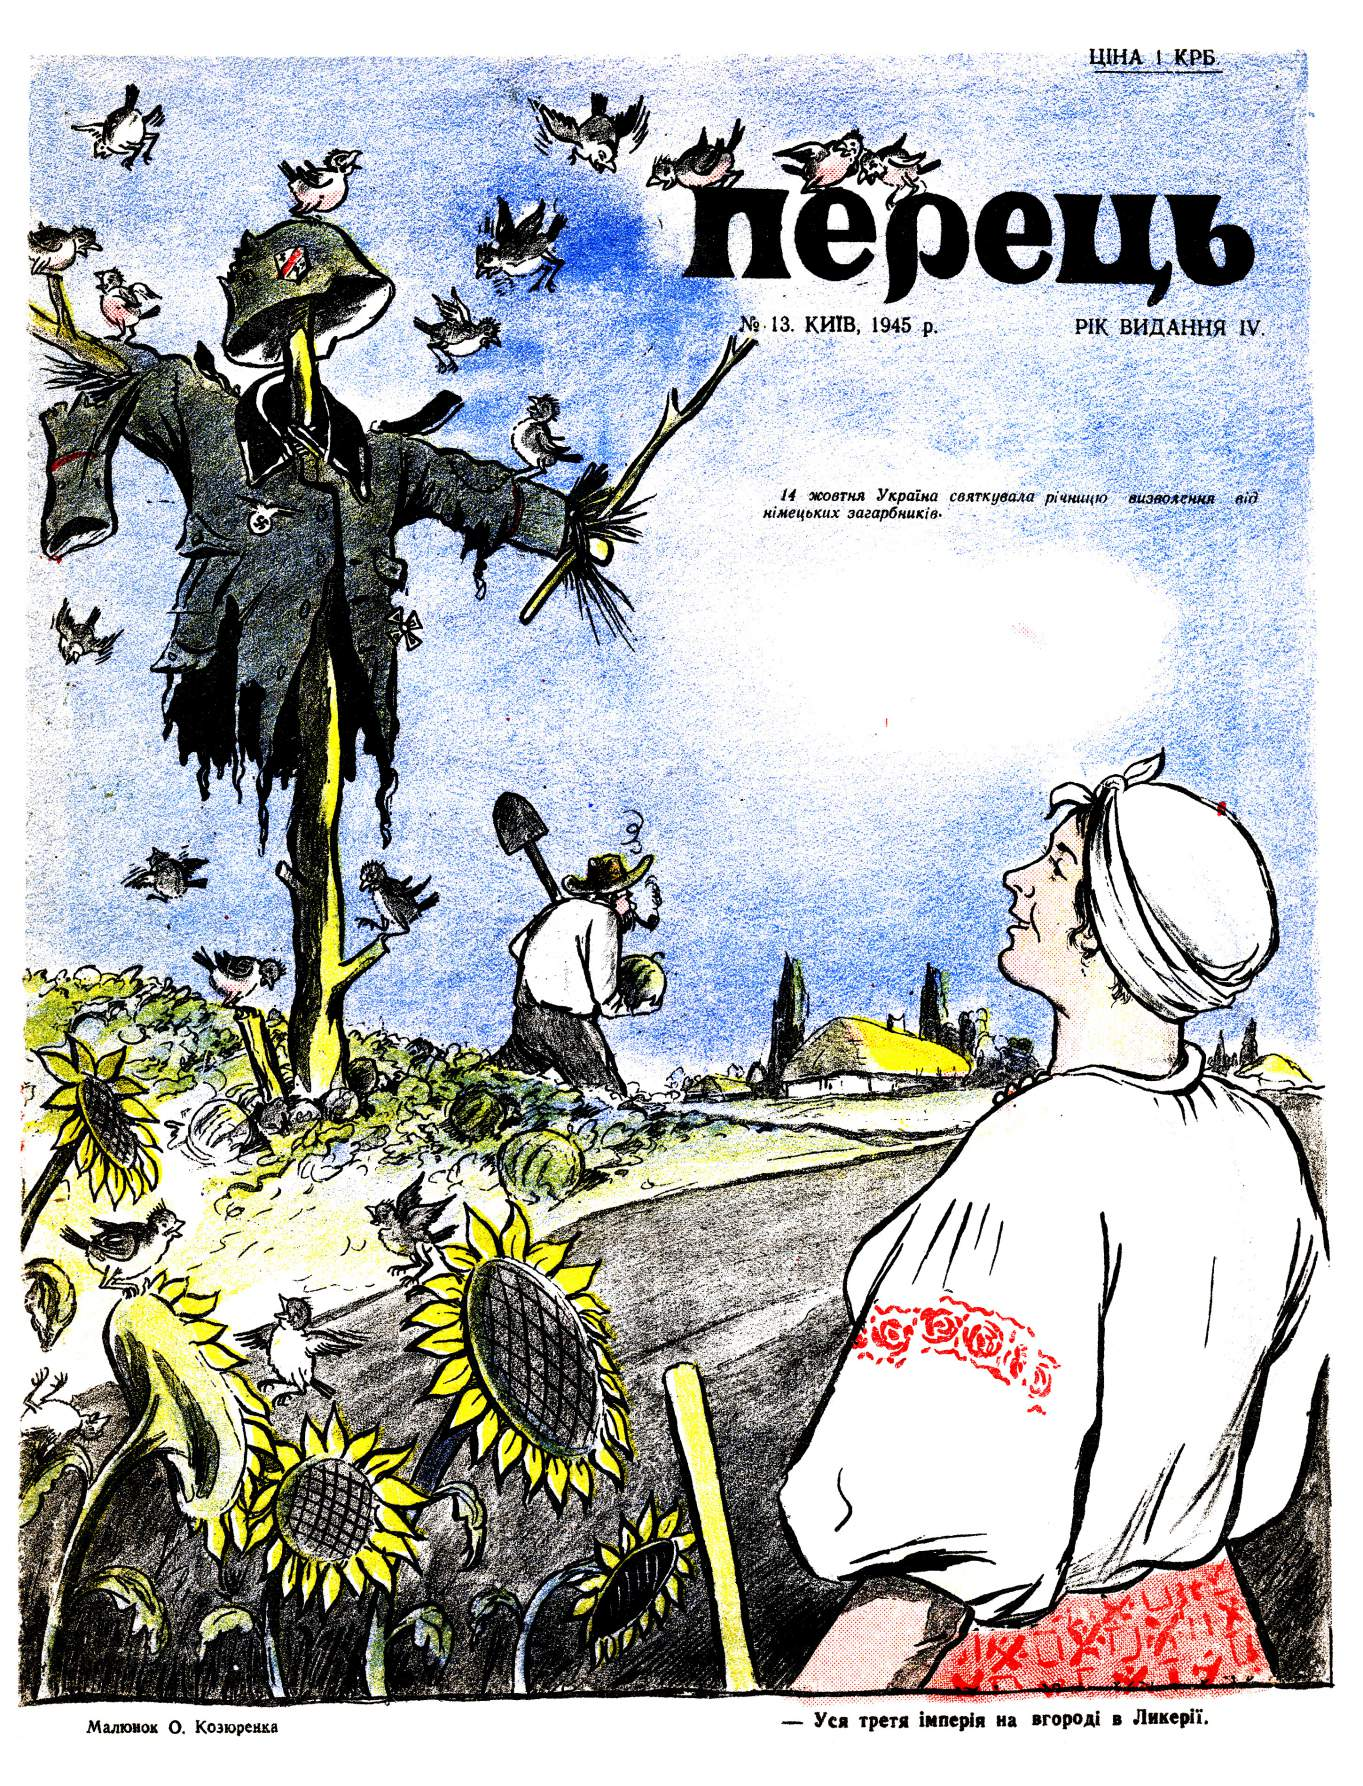 Журнал перець 1945 №13